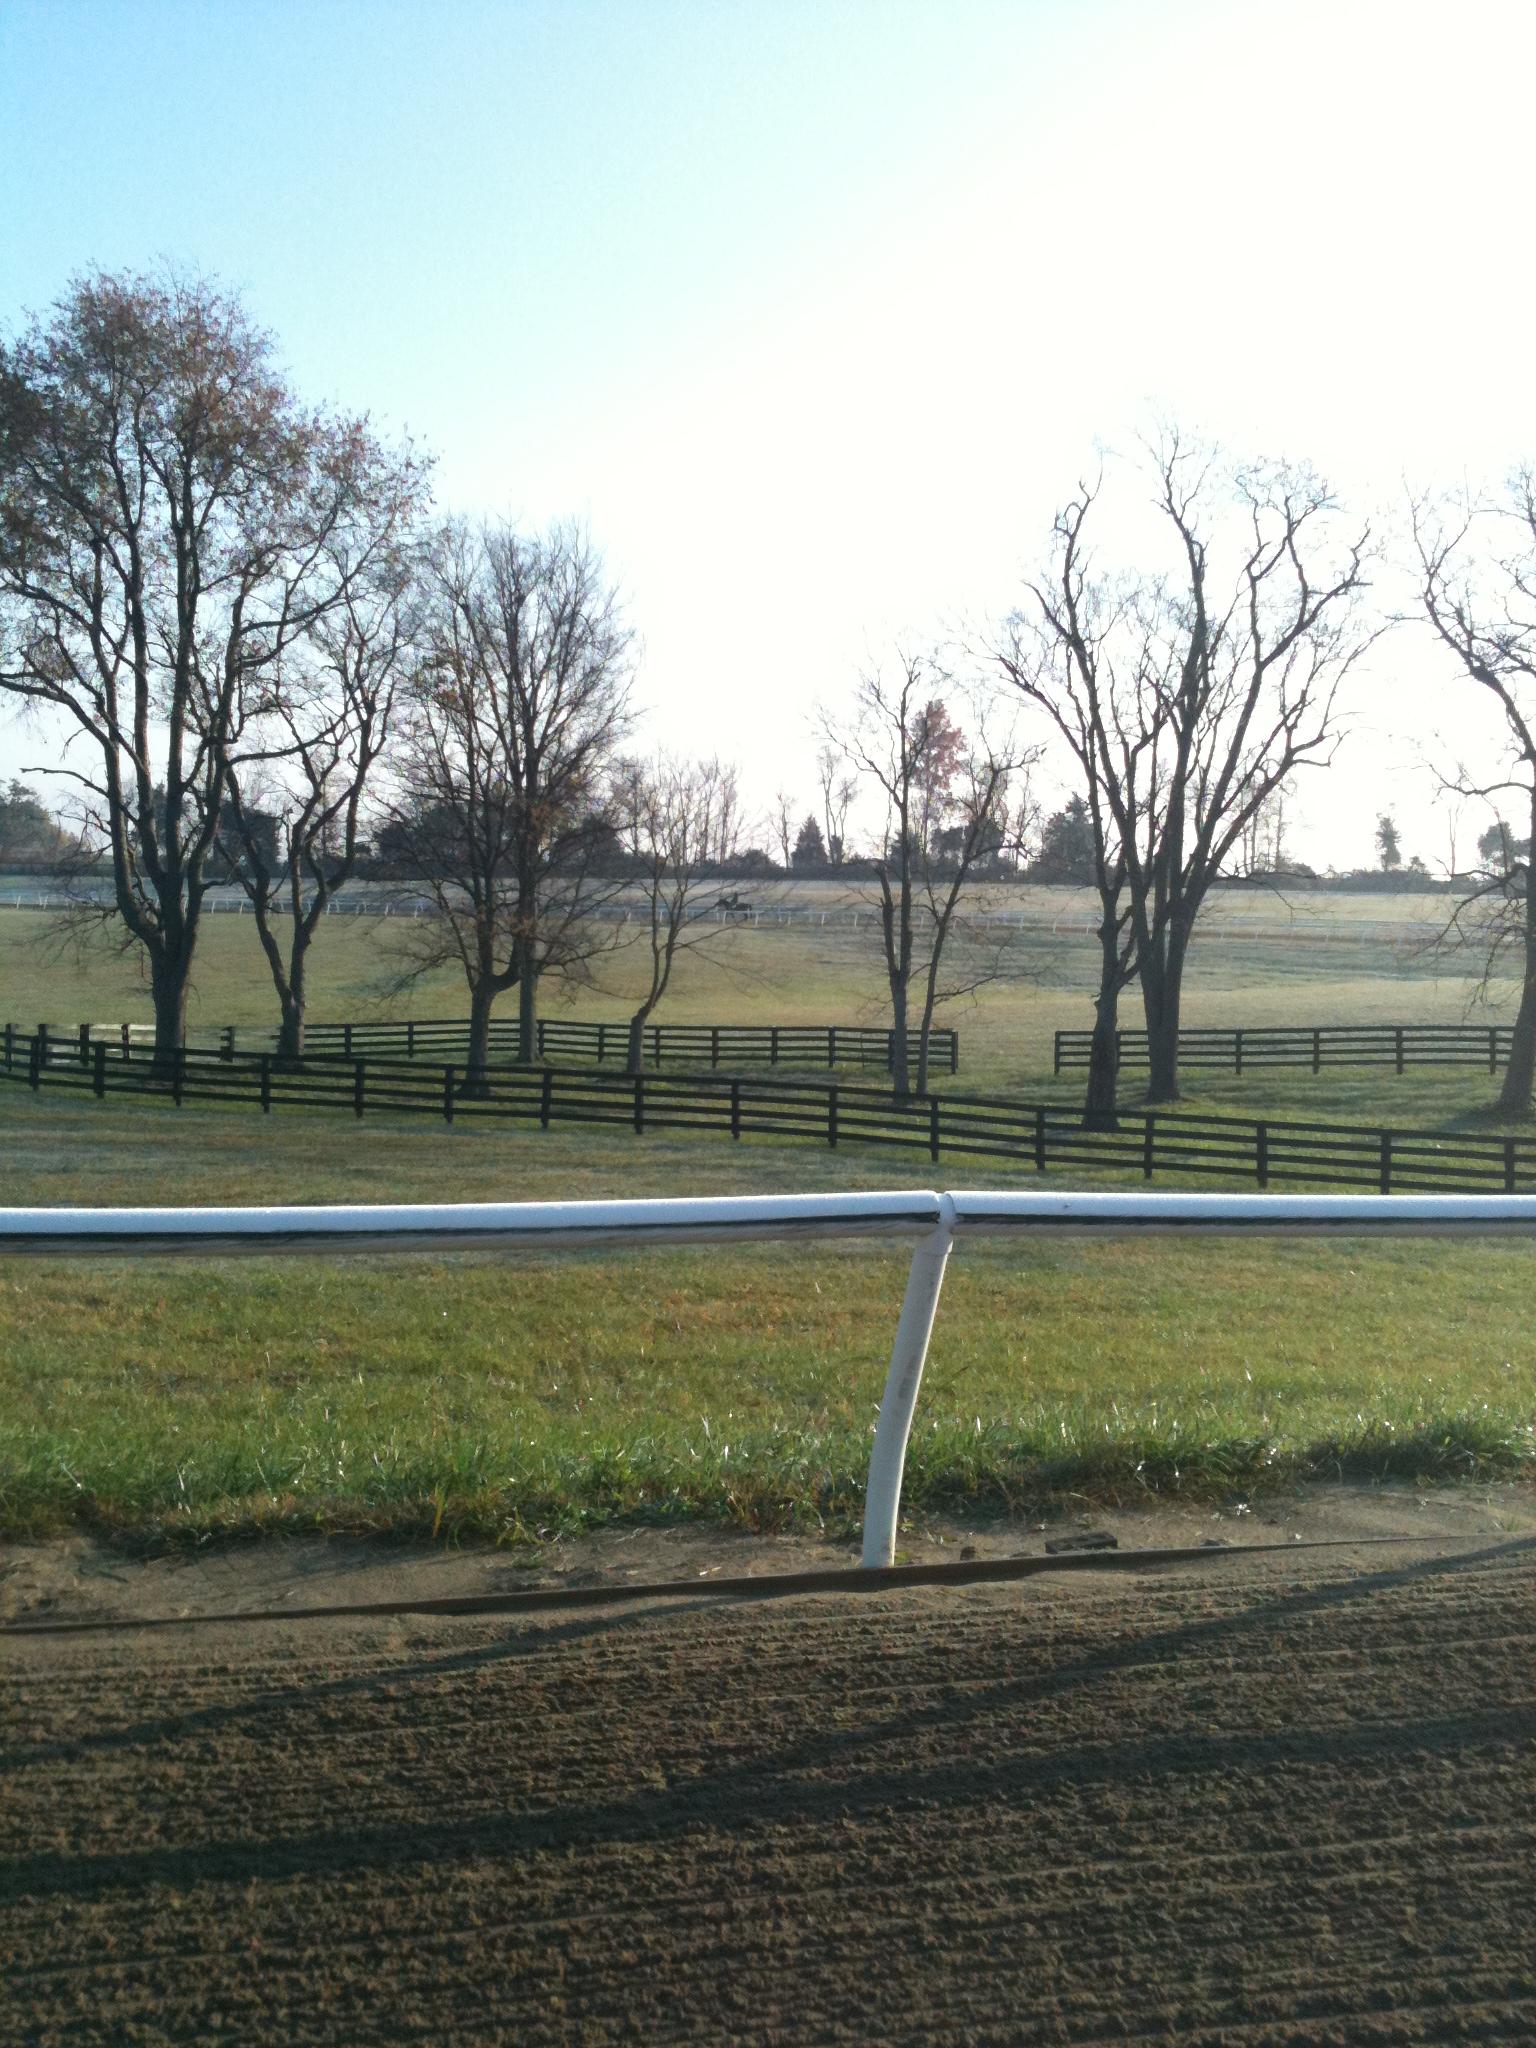 Blue Grass Equine Training Center